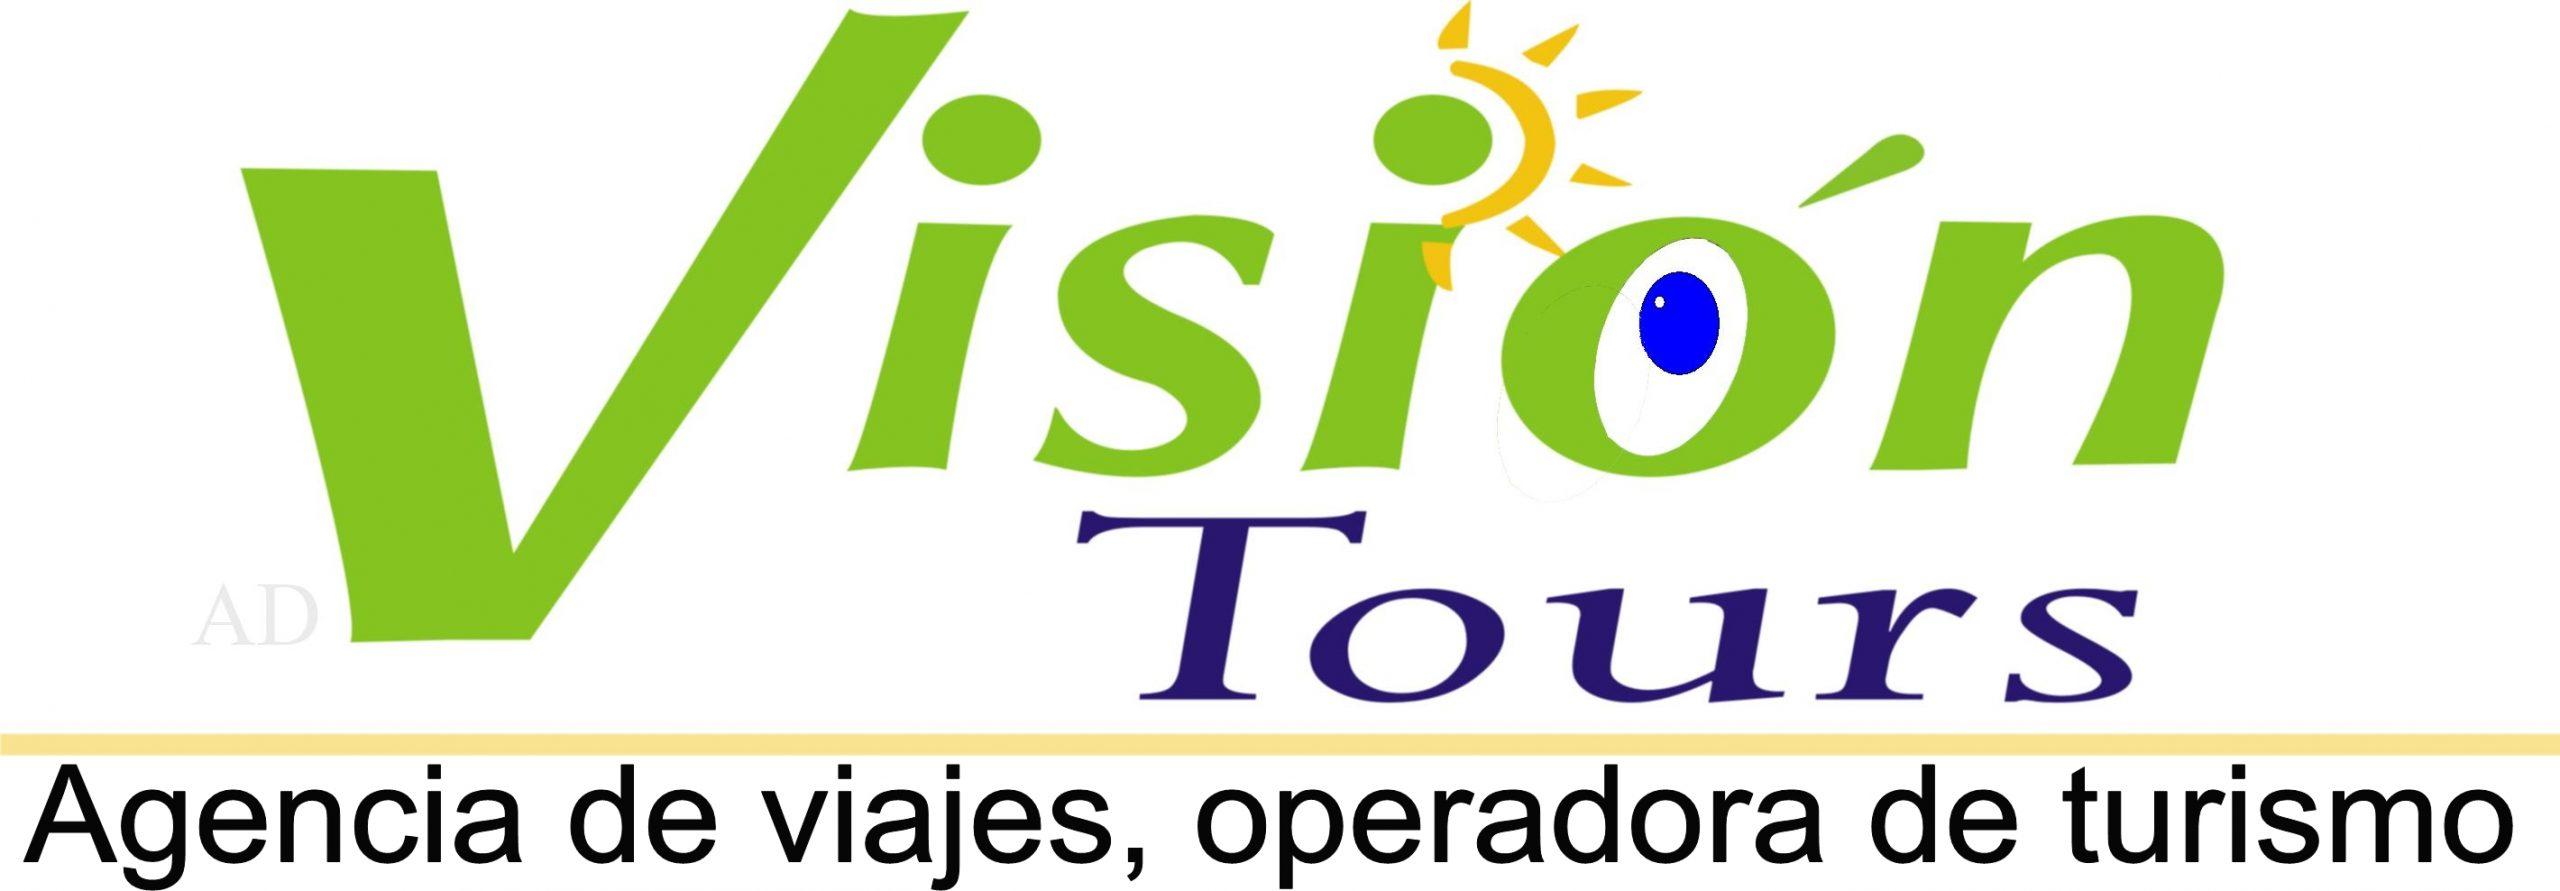 AD Visión Tours